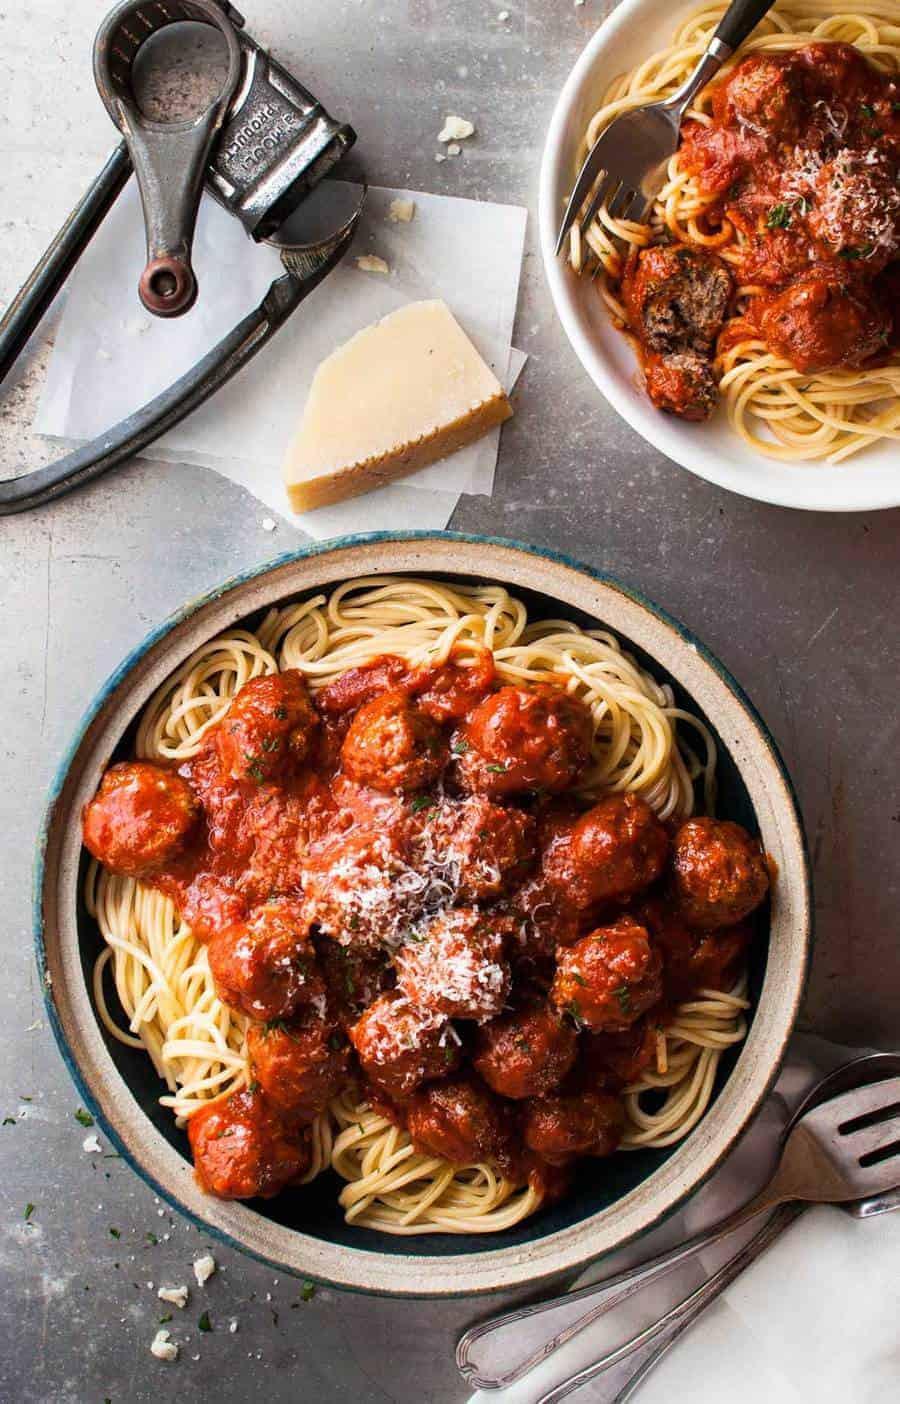 Italian Meatball Recipes  Classic Italian Meatballs Extra Soft and Juicy